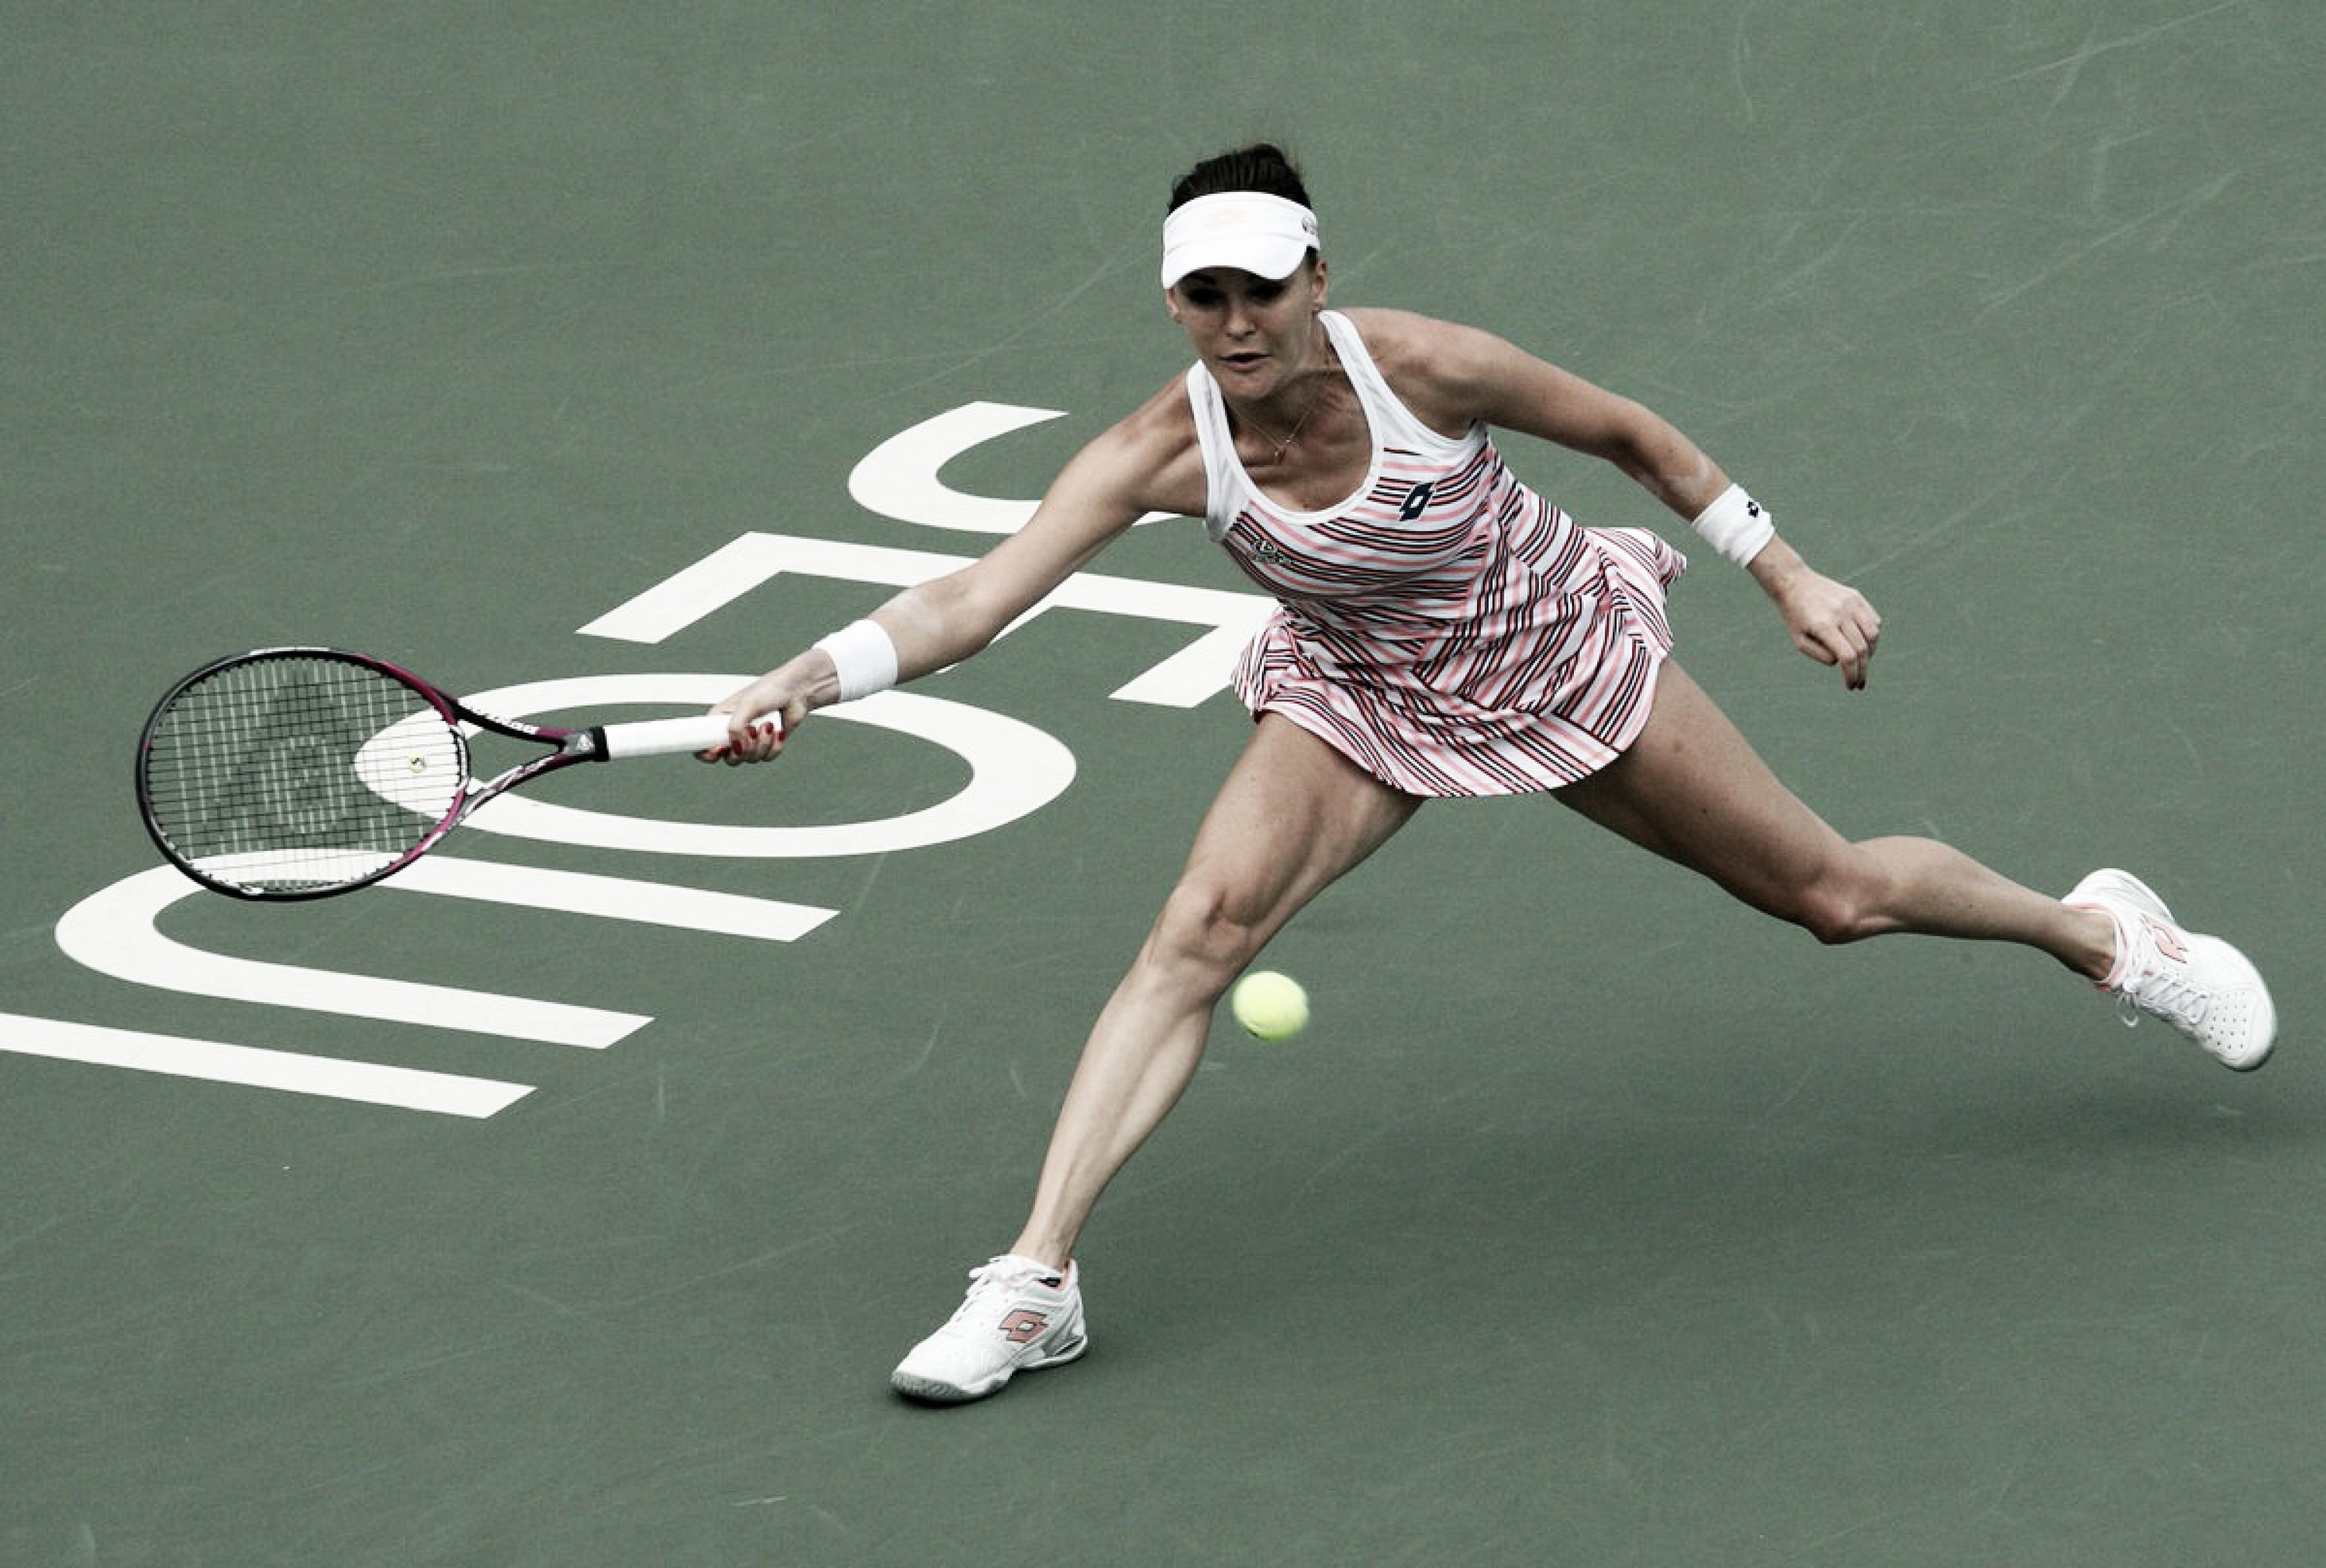 Radwanska faz boa partida para bater Mattek-Sands na estreia do WTA de Seul